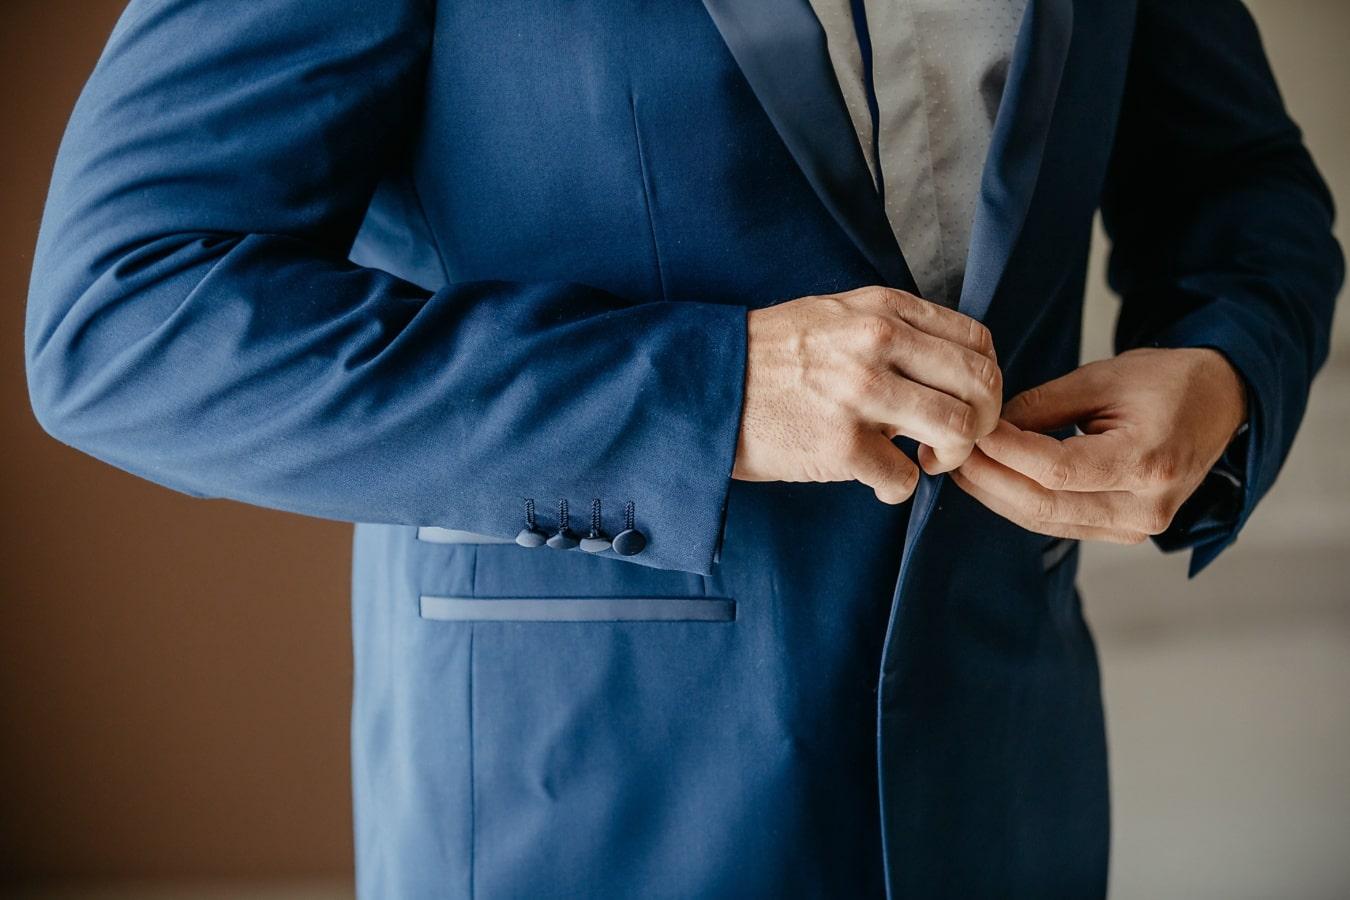 classic, tuxedo suit, outfit, fancy, jacket, man, coat, garment, suit, pants